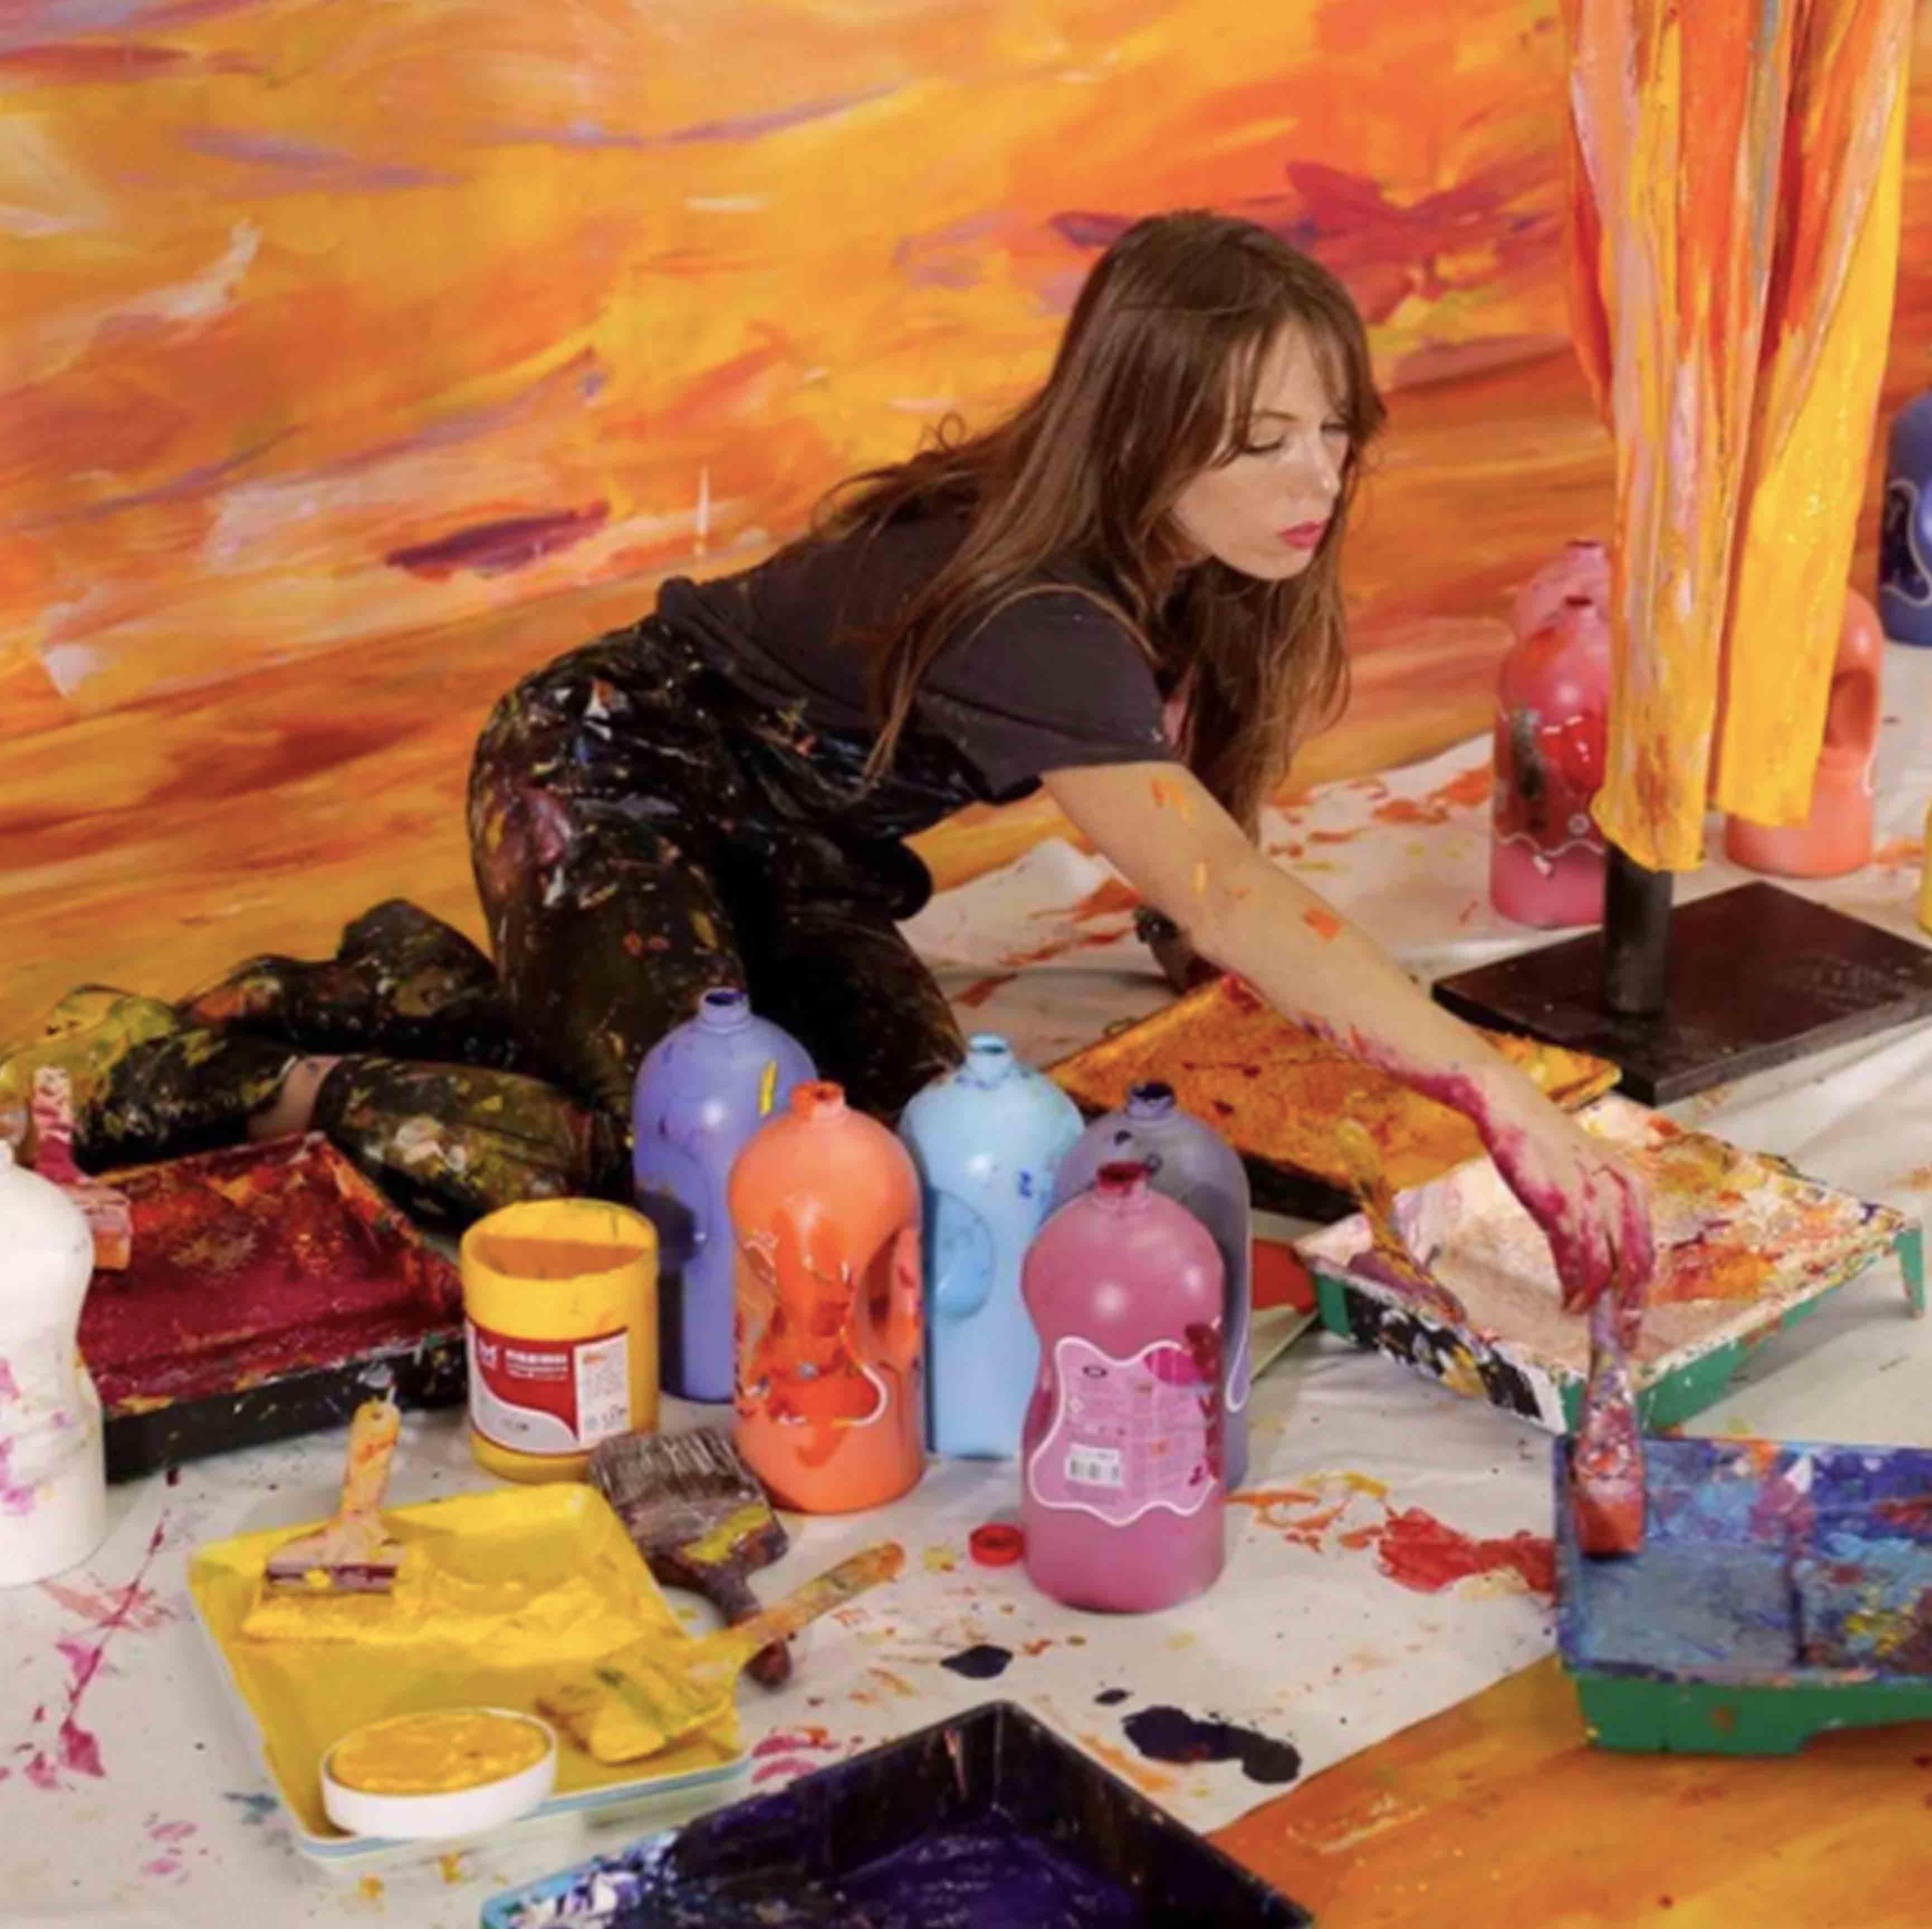 Ưu điểm nghệ thuật trong tranh sơn dầu trừu tượng